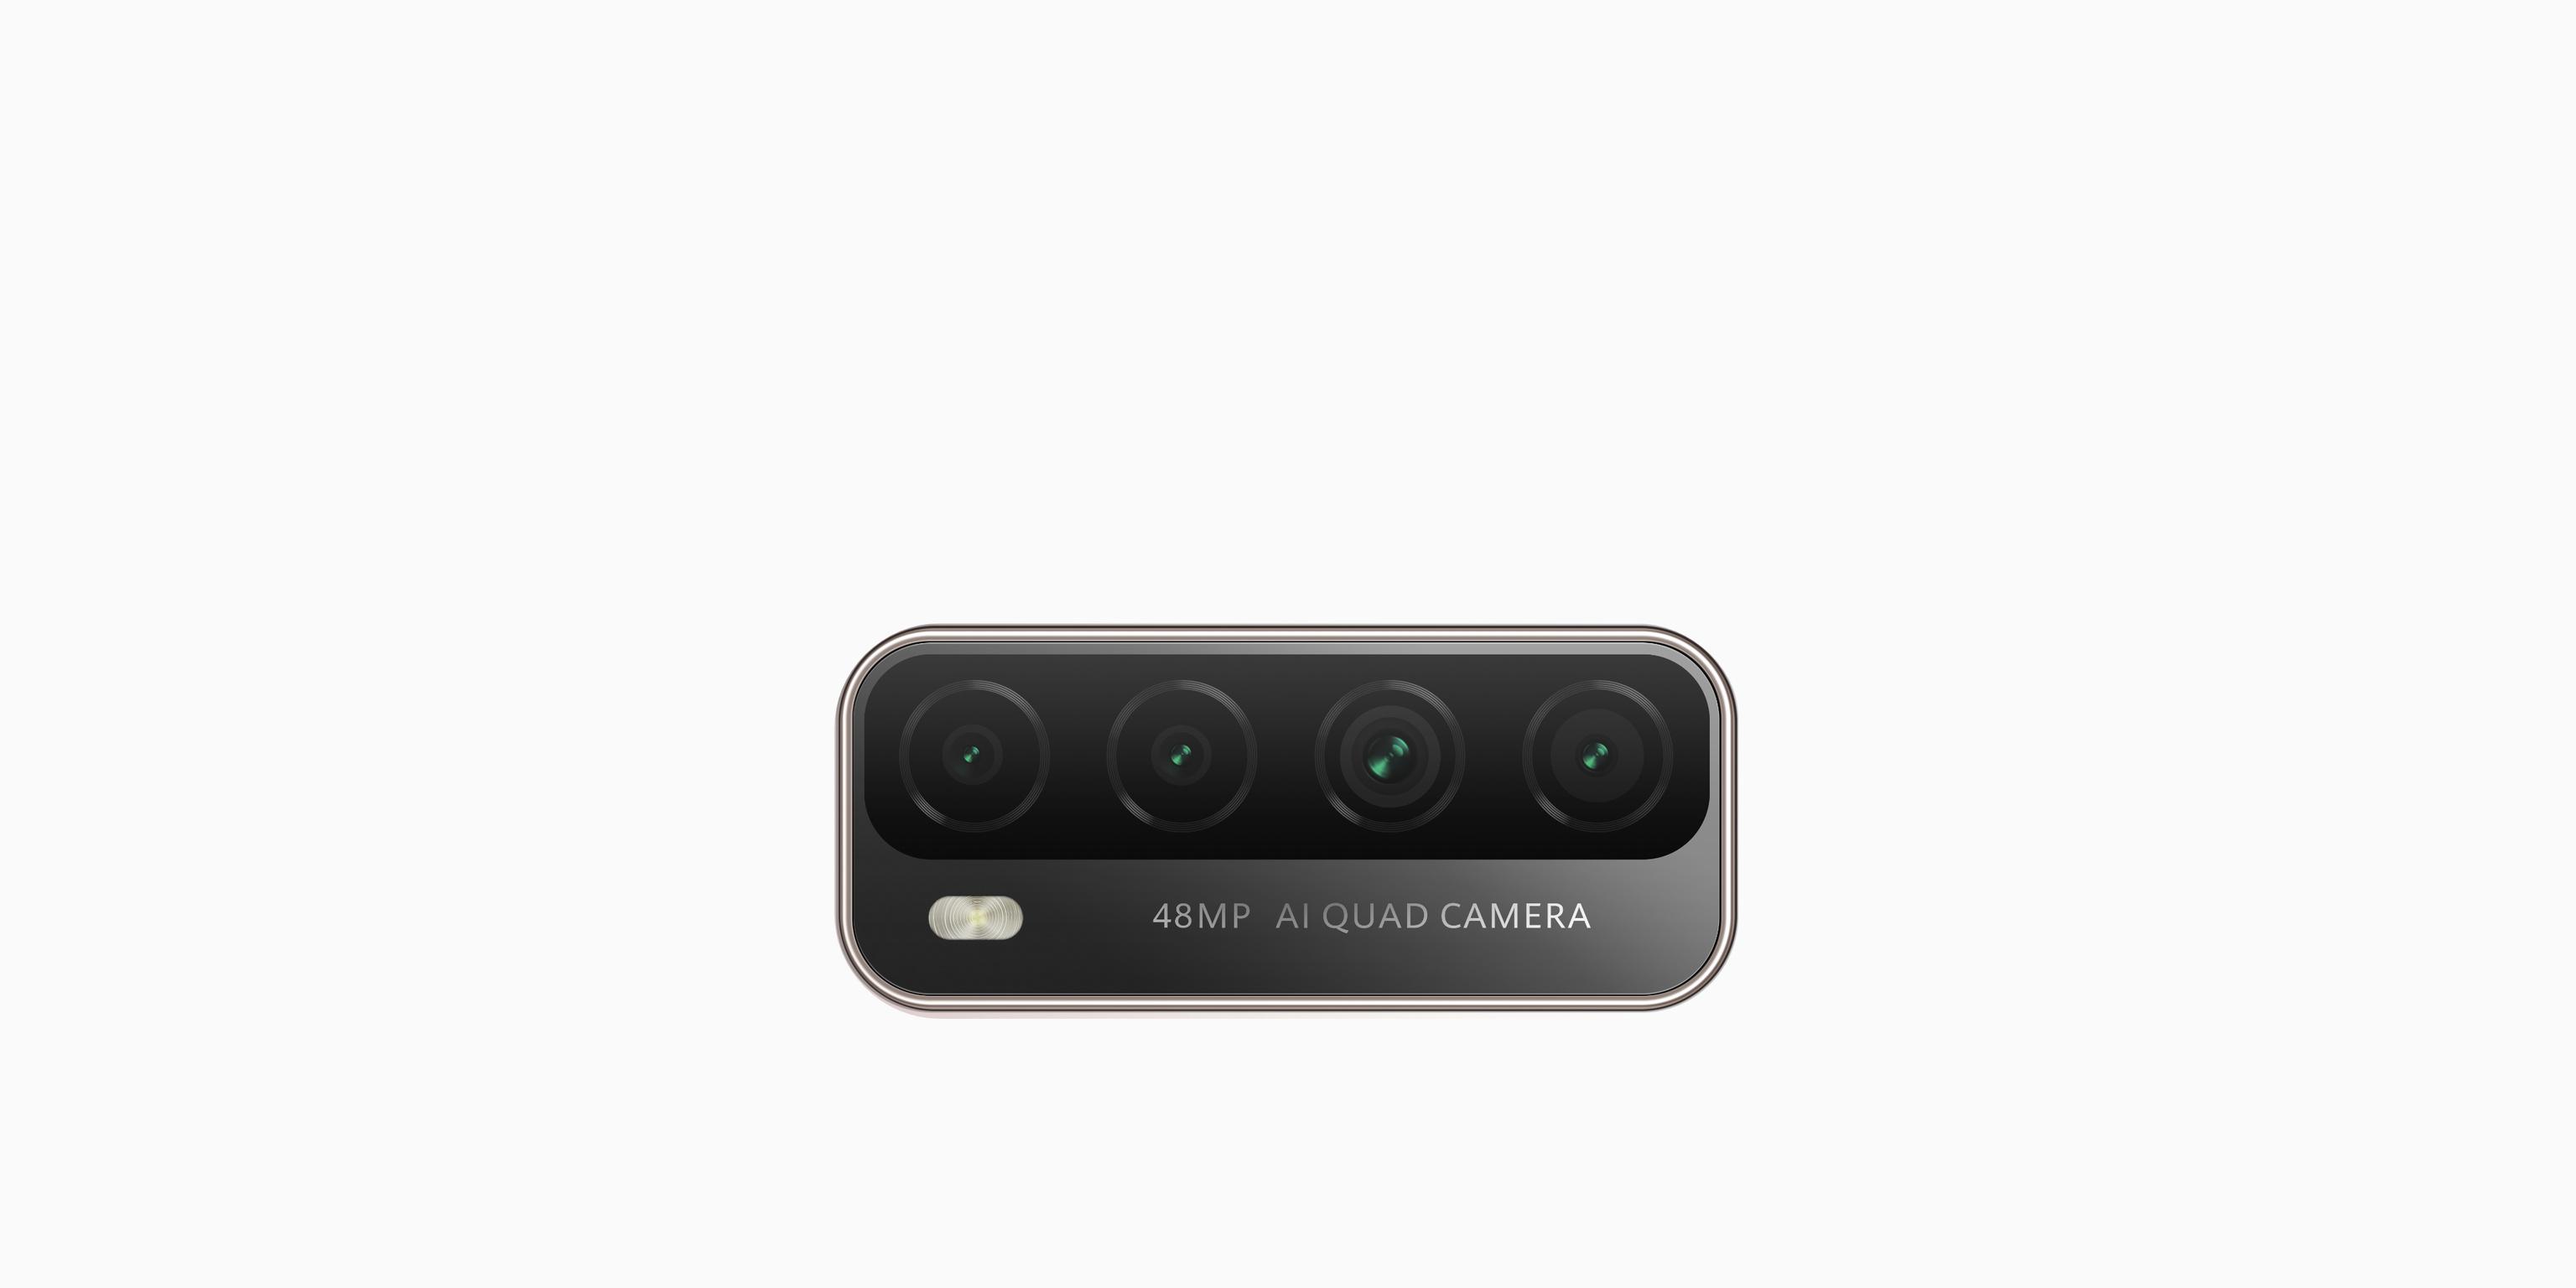 HUAWEI Y7a Quad AI Camera